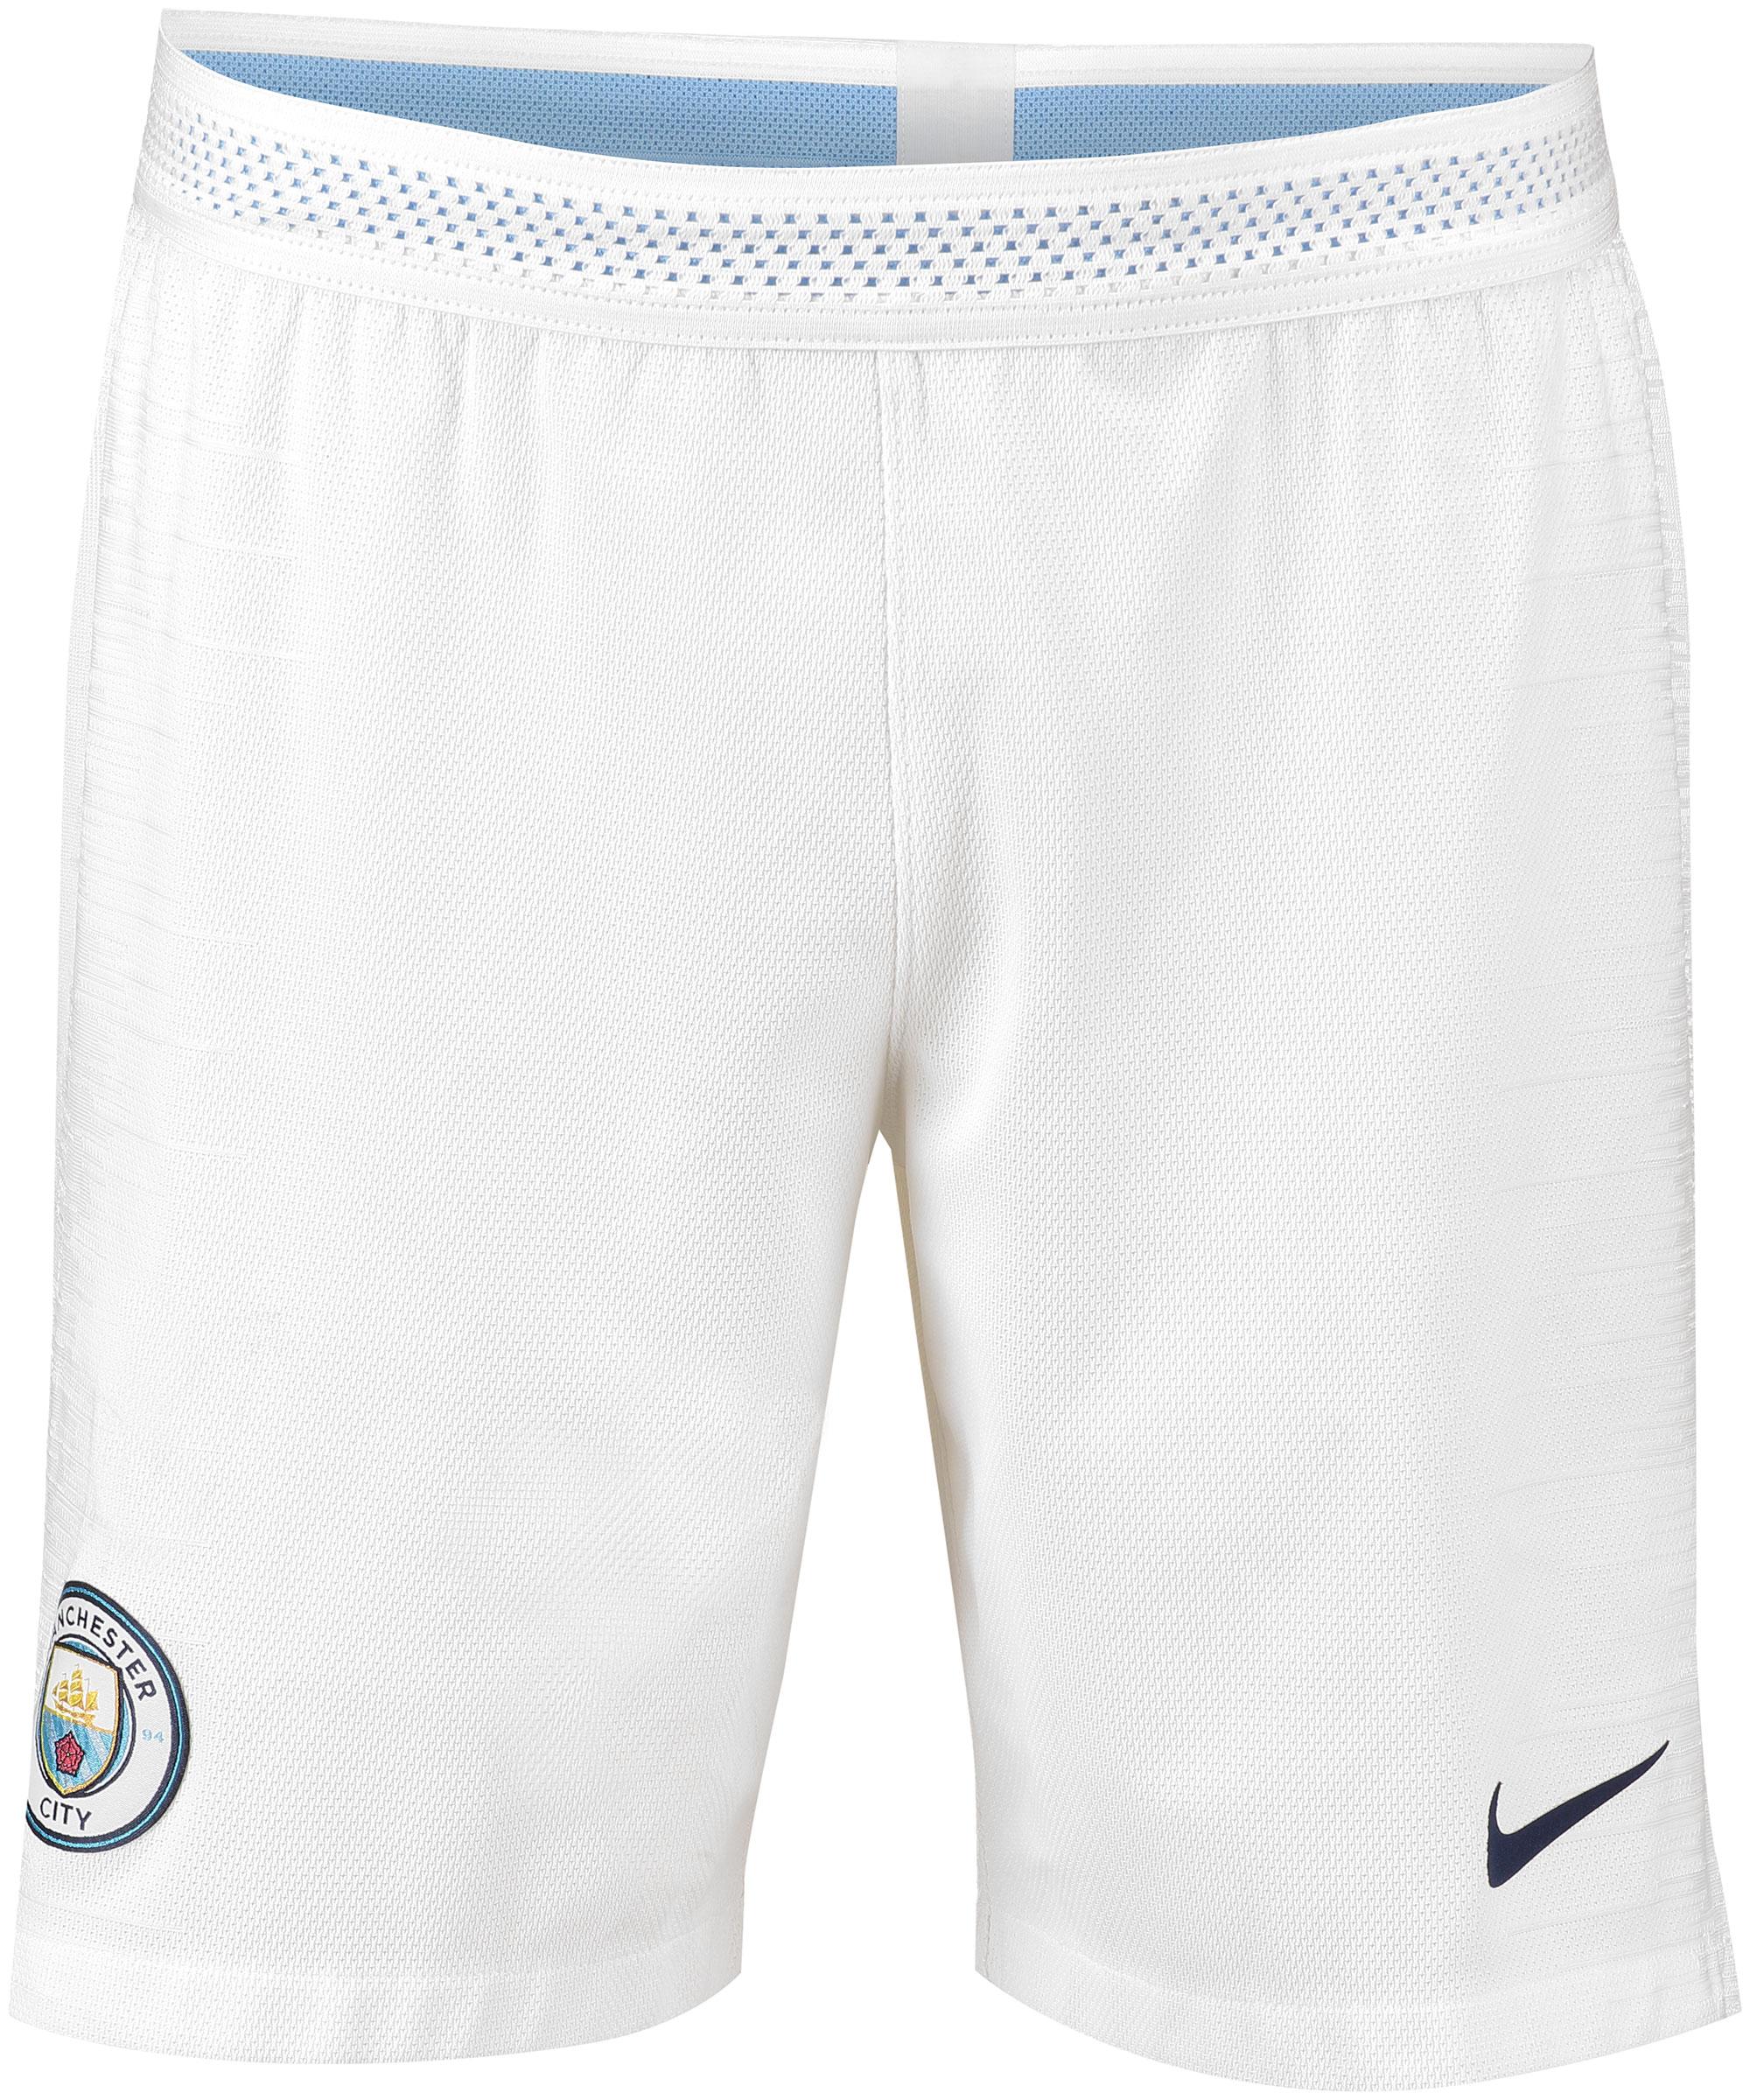 Manchester City Home Vapor Match Shorts 2018-19